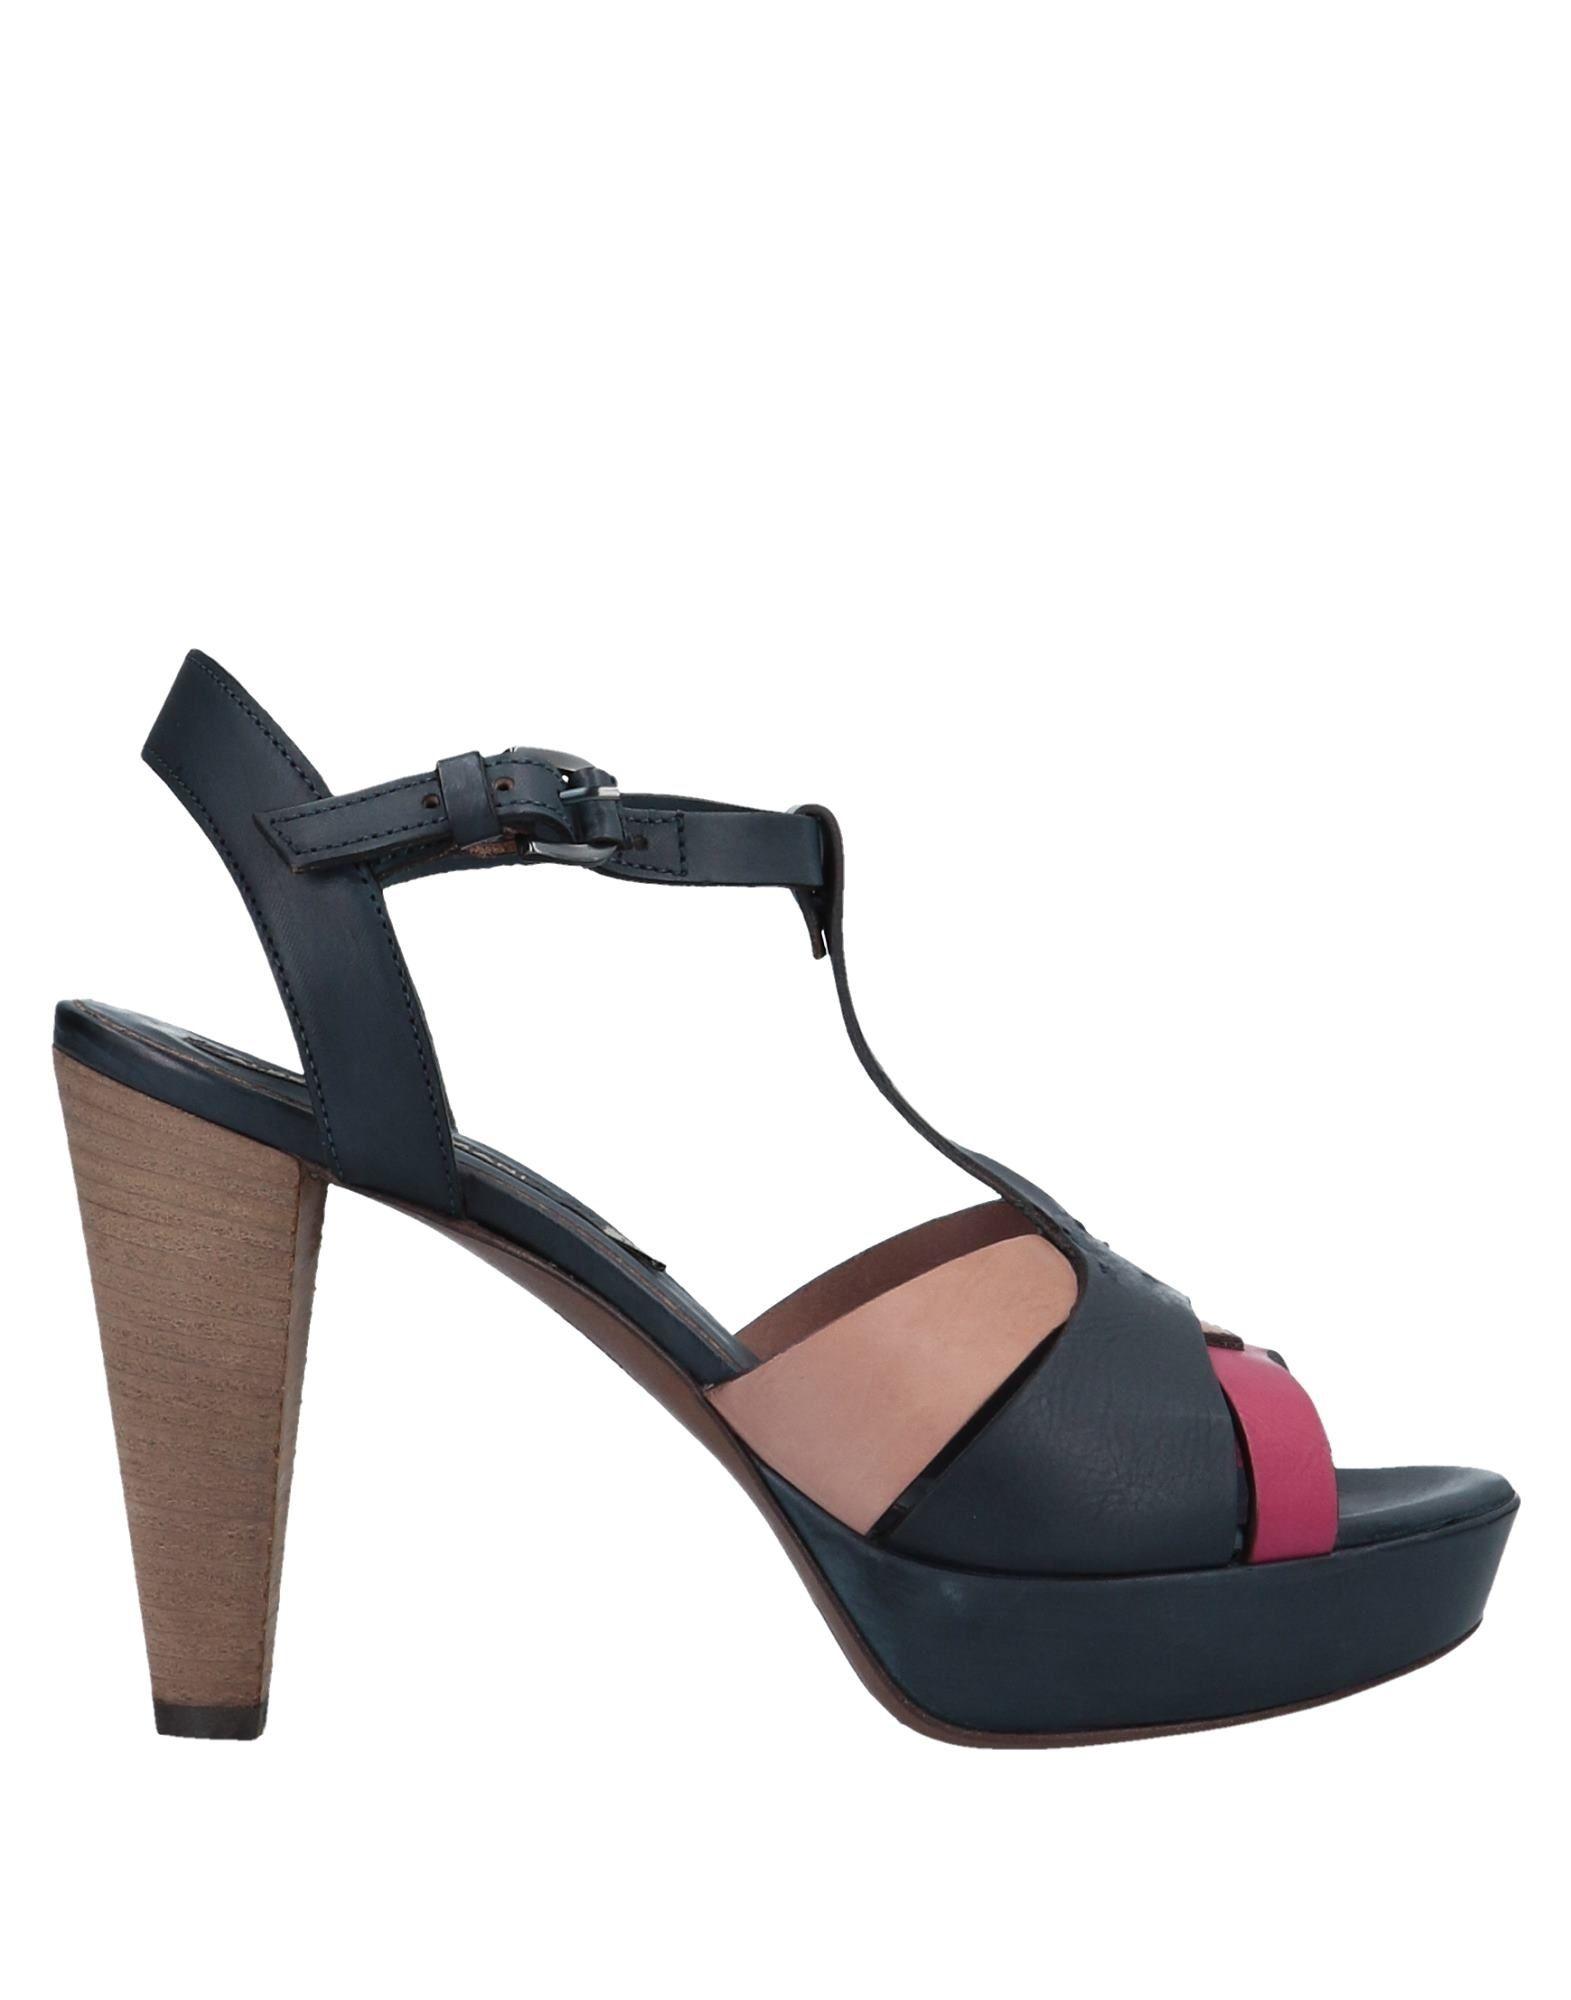 Gut um billige Schuhe Damen zu tragenAlberto Fermani Sandalen Damen Schuhe  11557089QR 1fd5d7